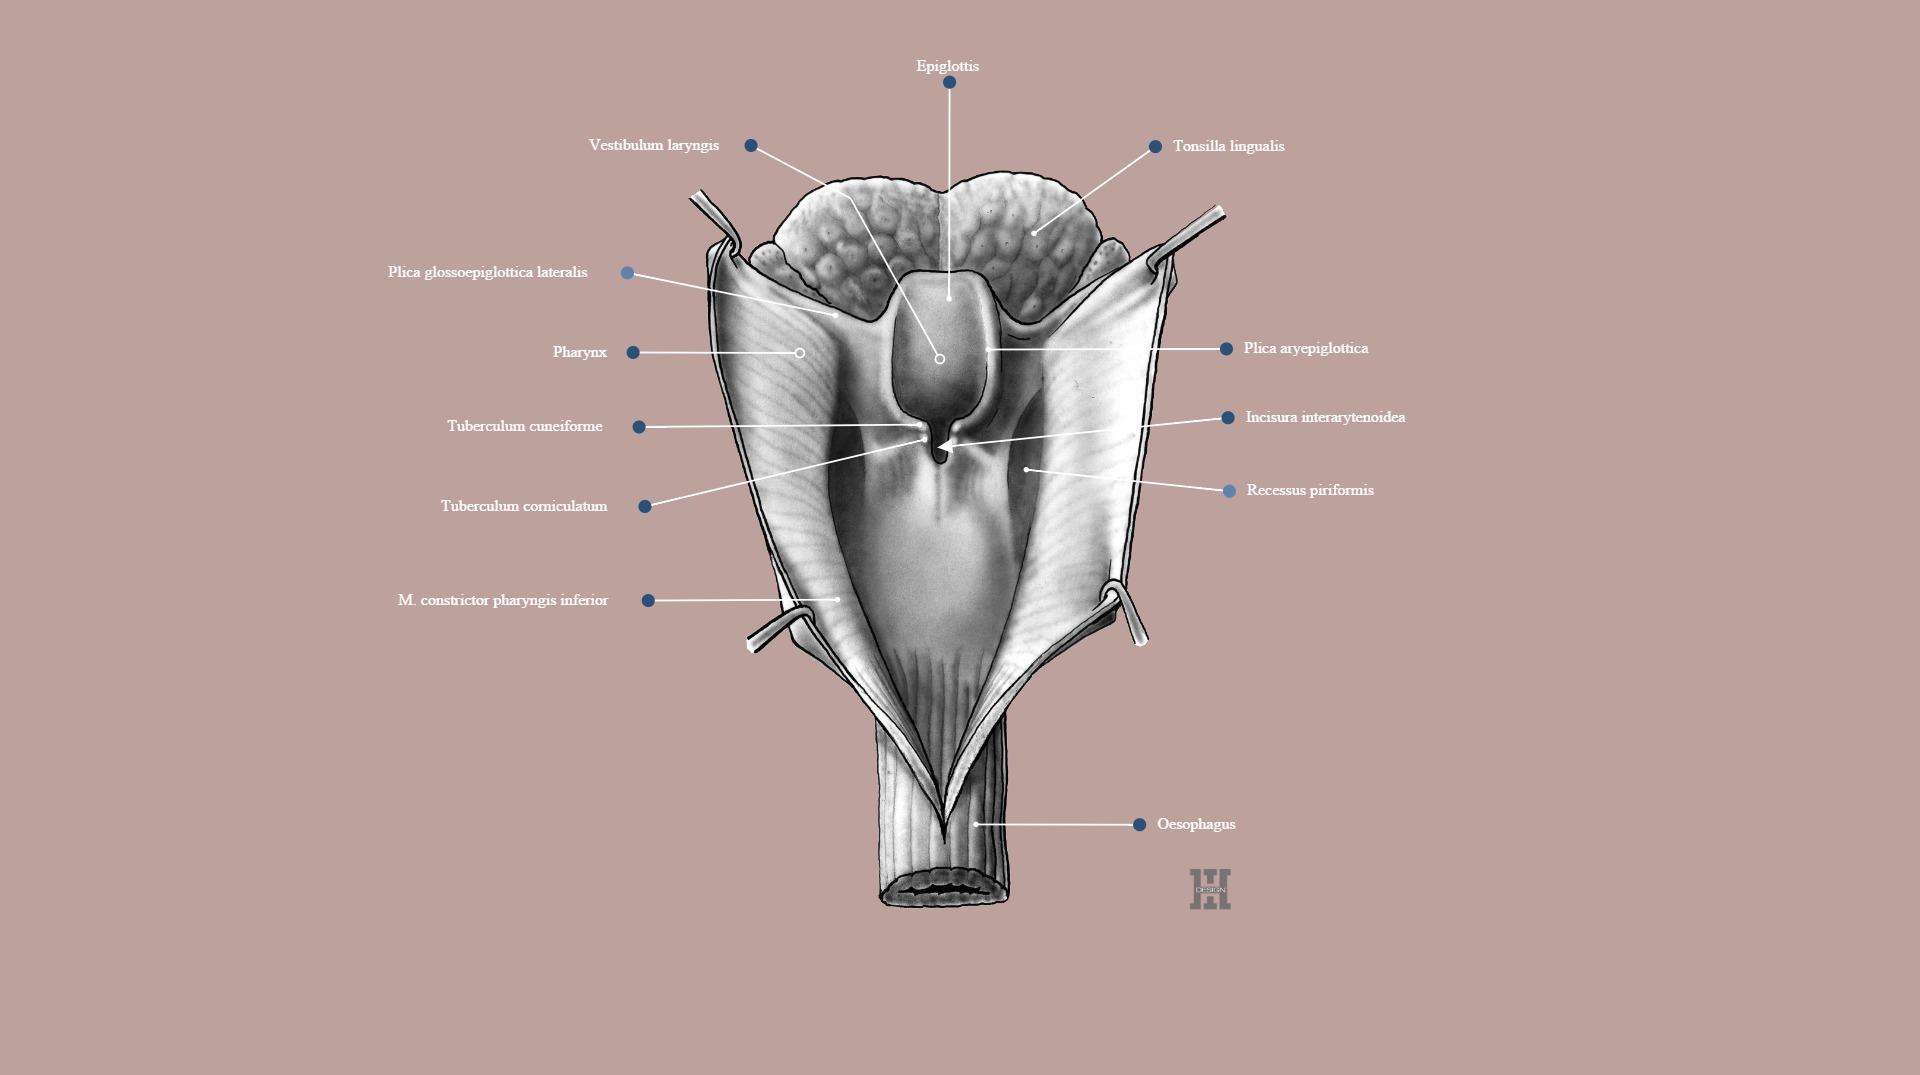 Aditus laryngis